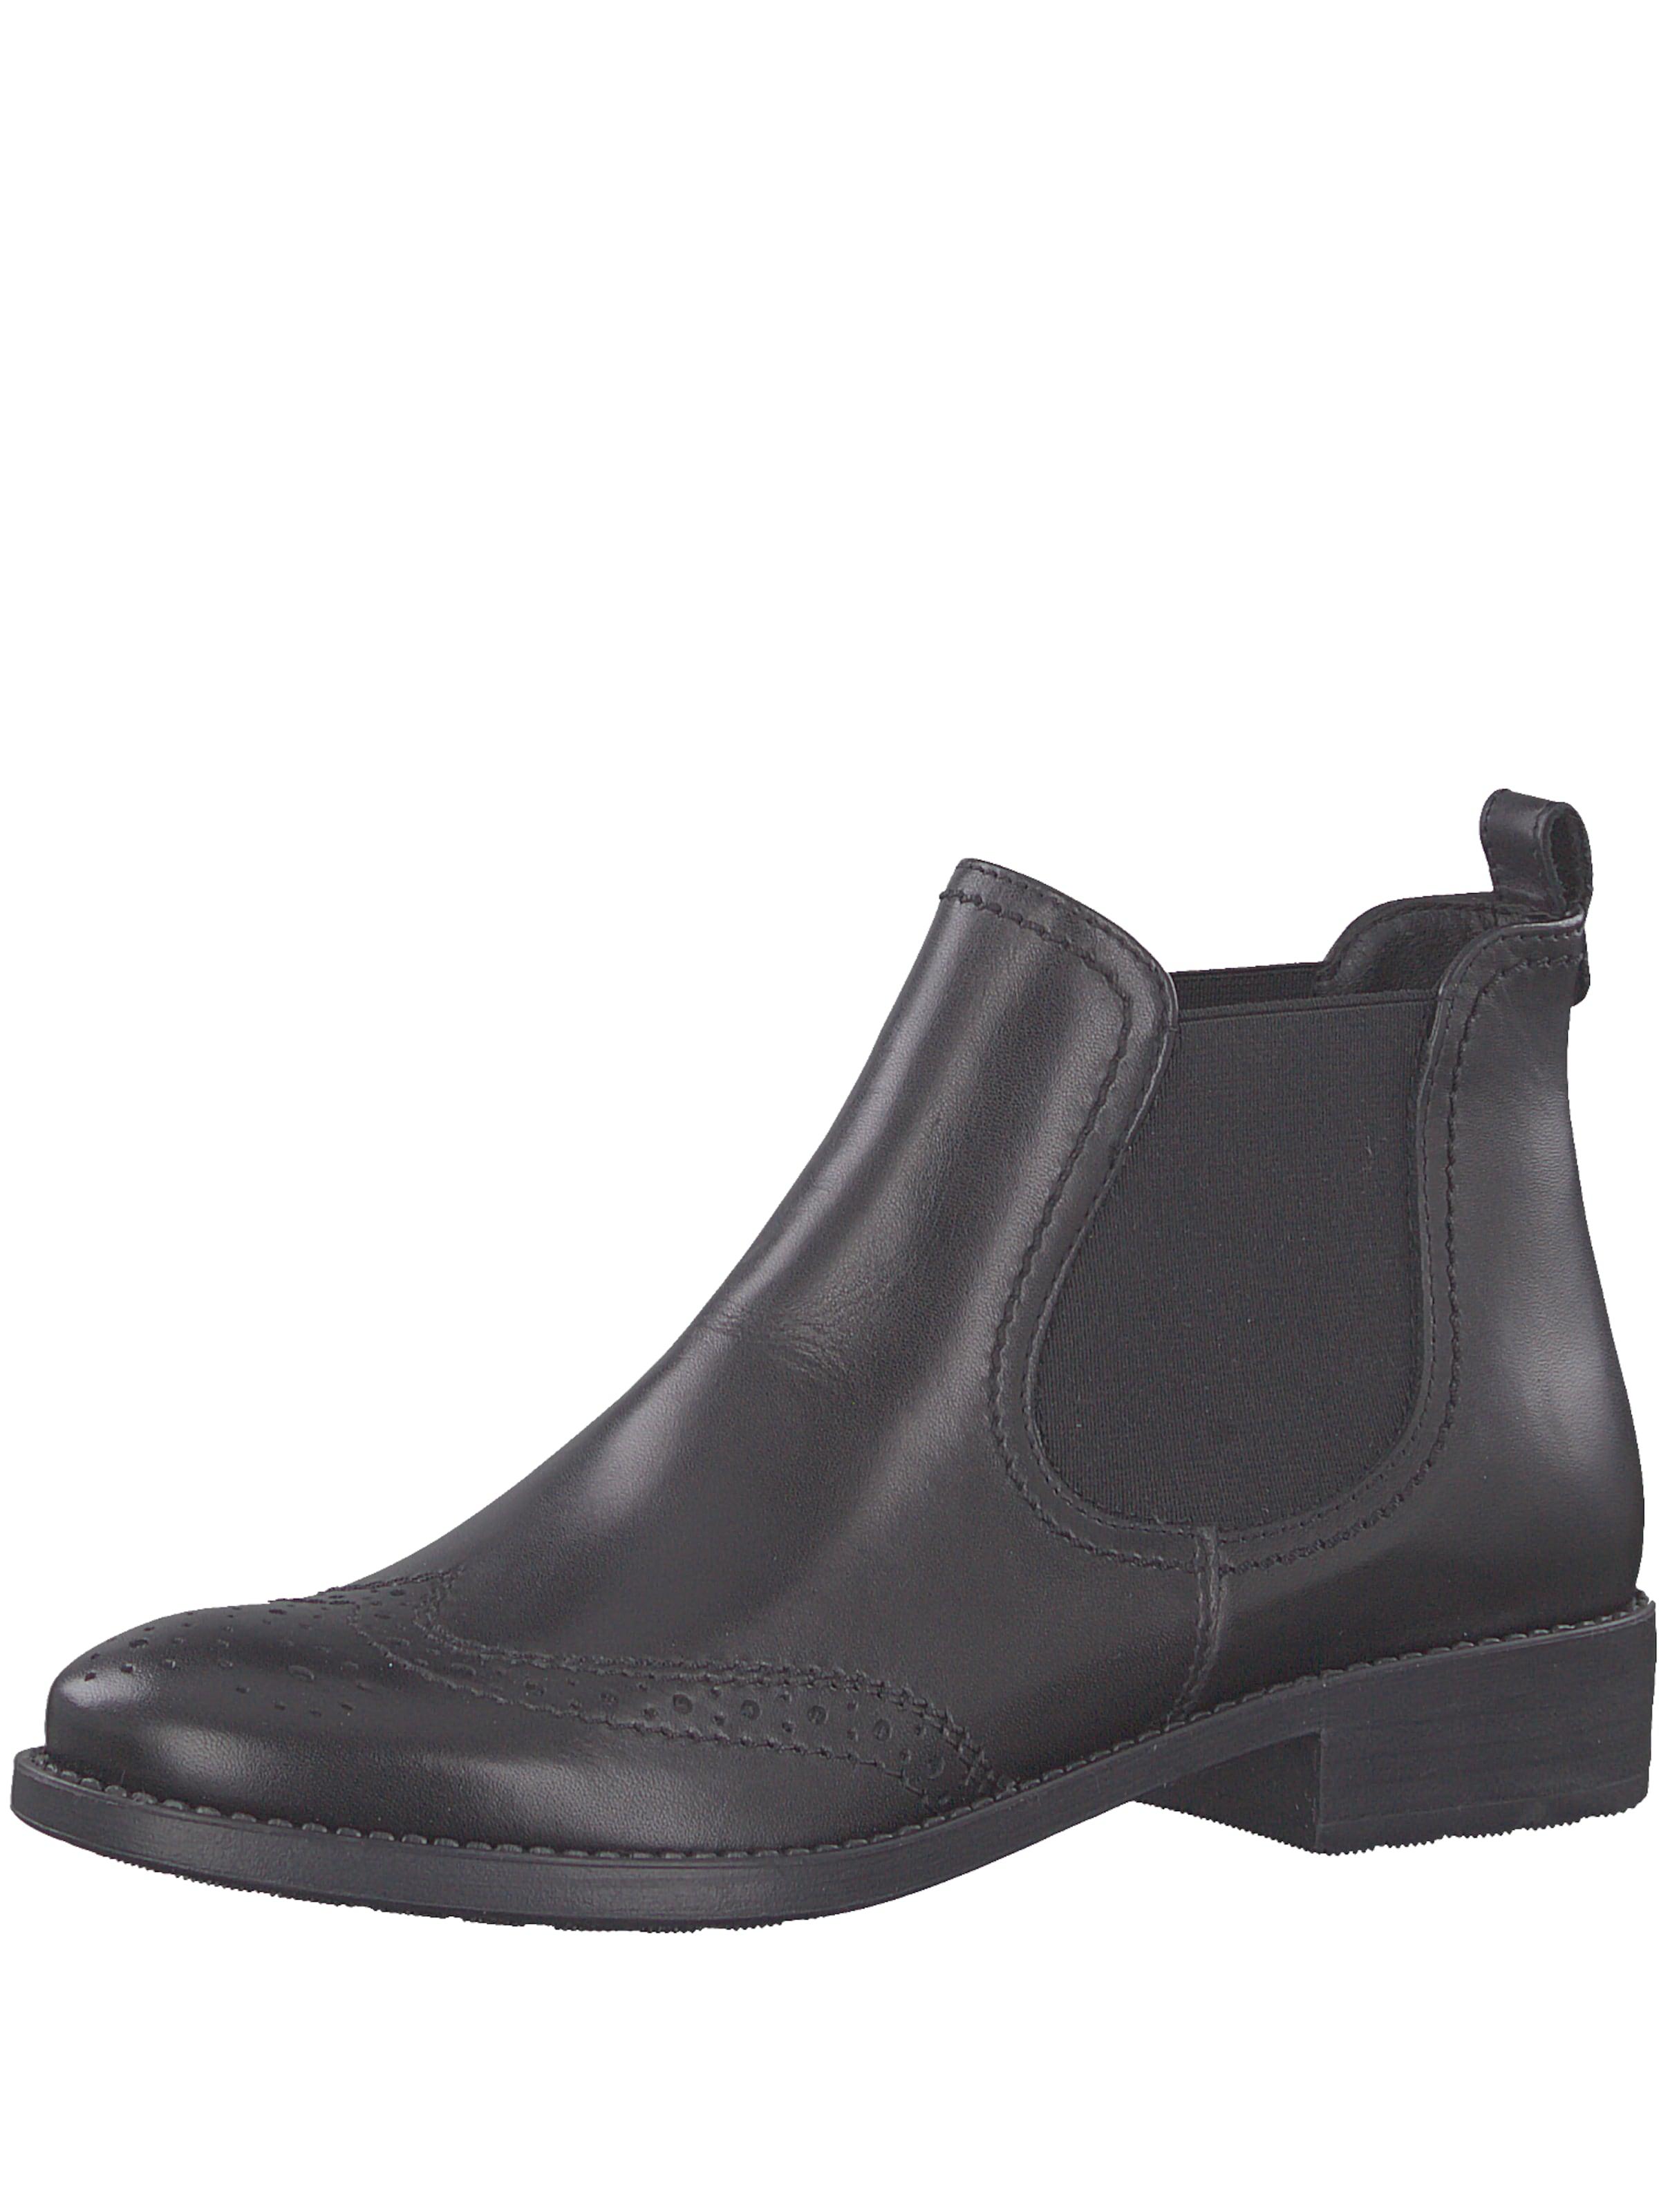 Noir Tamaris Noir Chelsea Boots Boots Chelsea En Tamaris Tamaris En fyb76g